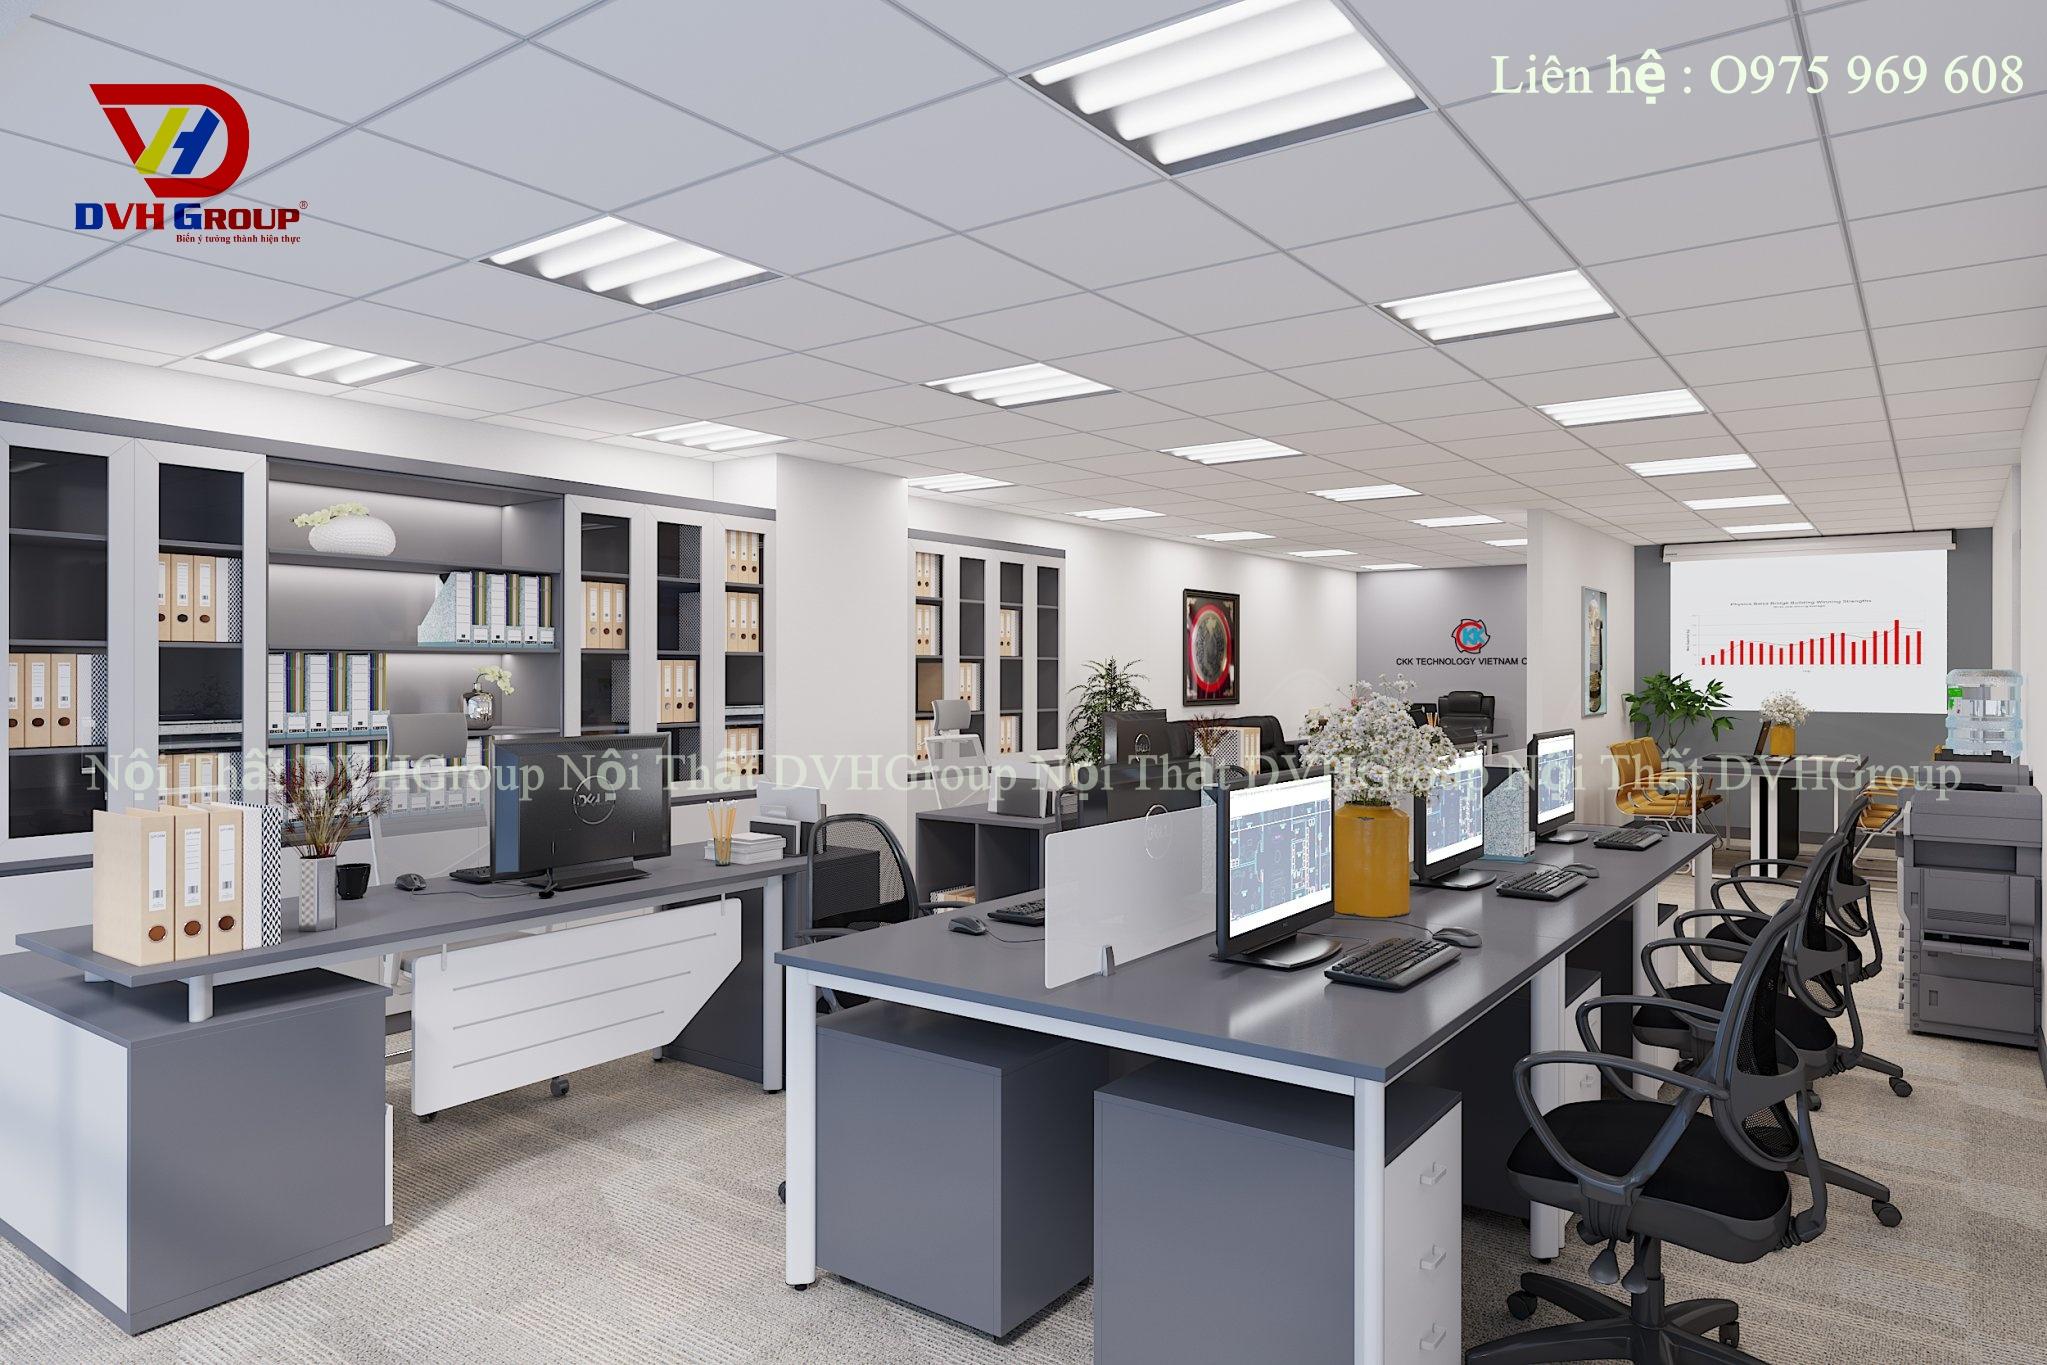 Thiết kế tối ưu Văn Phòng với diện tích Nhỏ